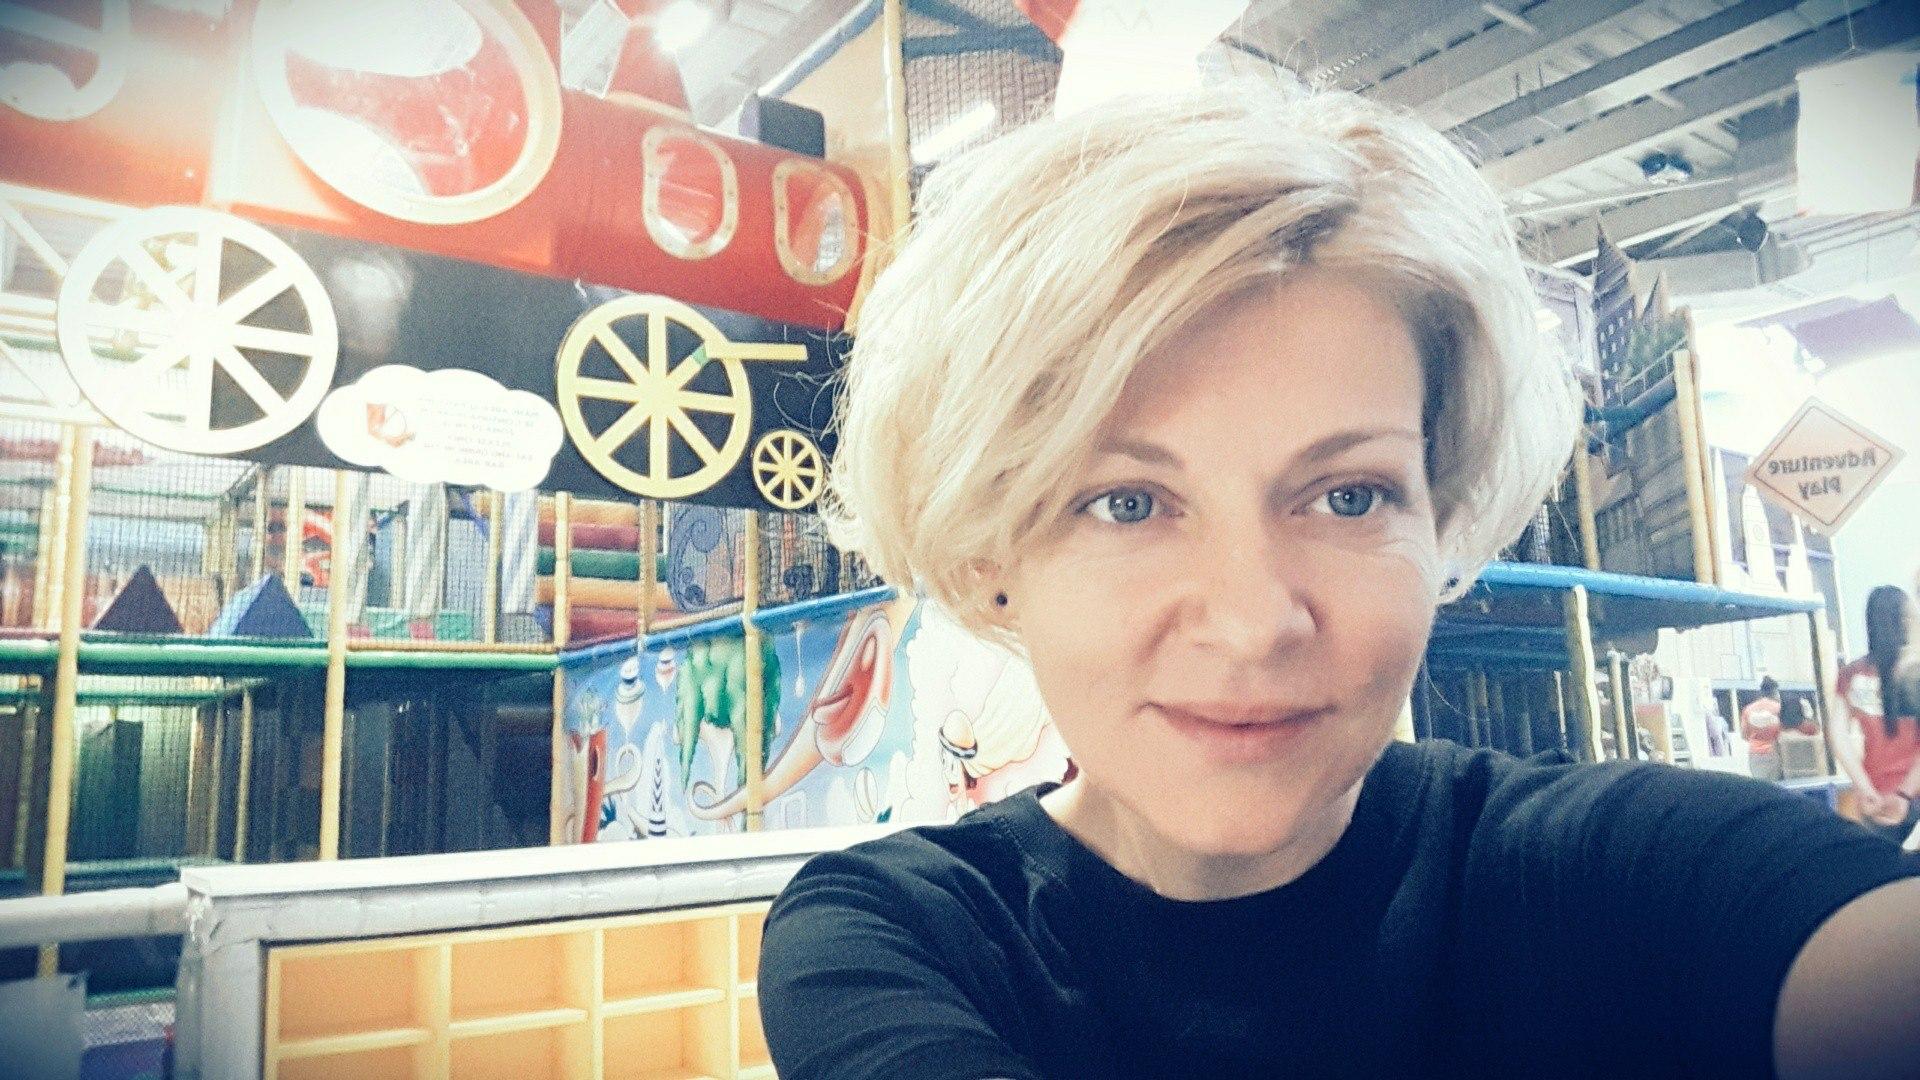 Dana Nălbaru, criticată pentru că are riduri. Replica ei pentru esteticianul Adina Alberts